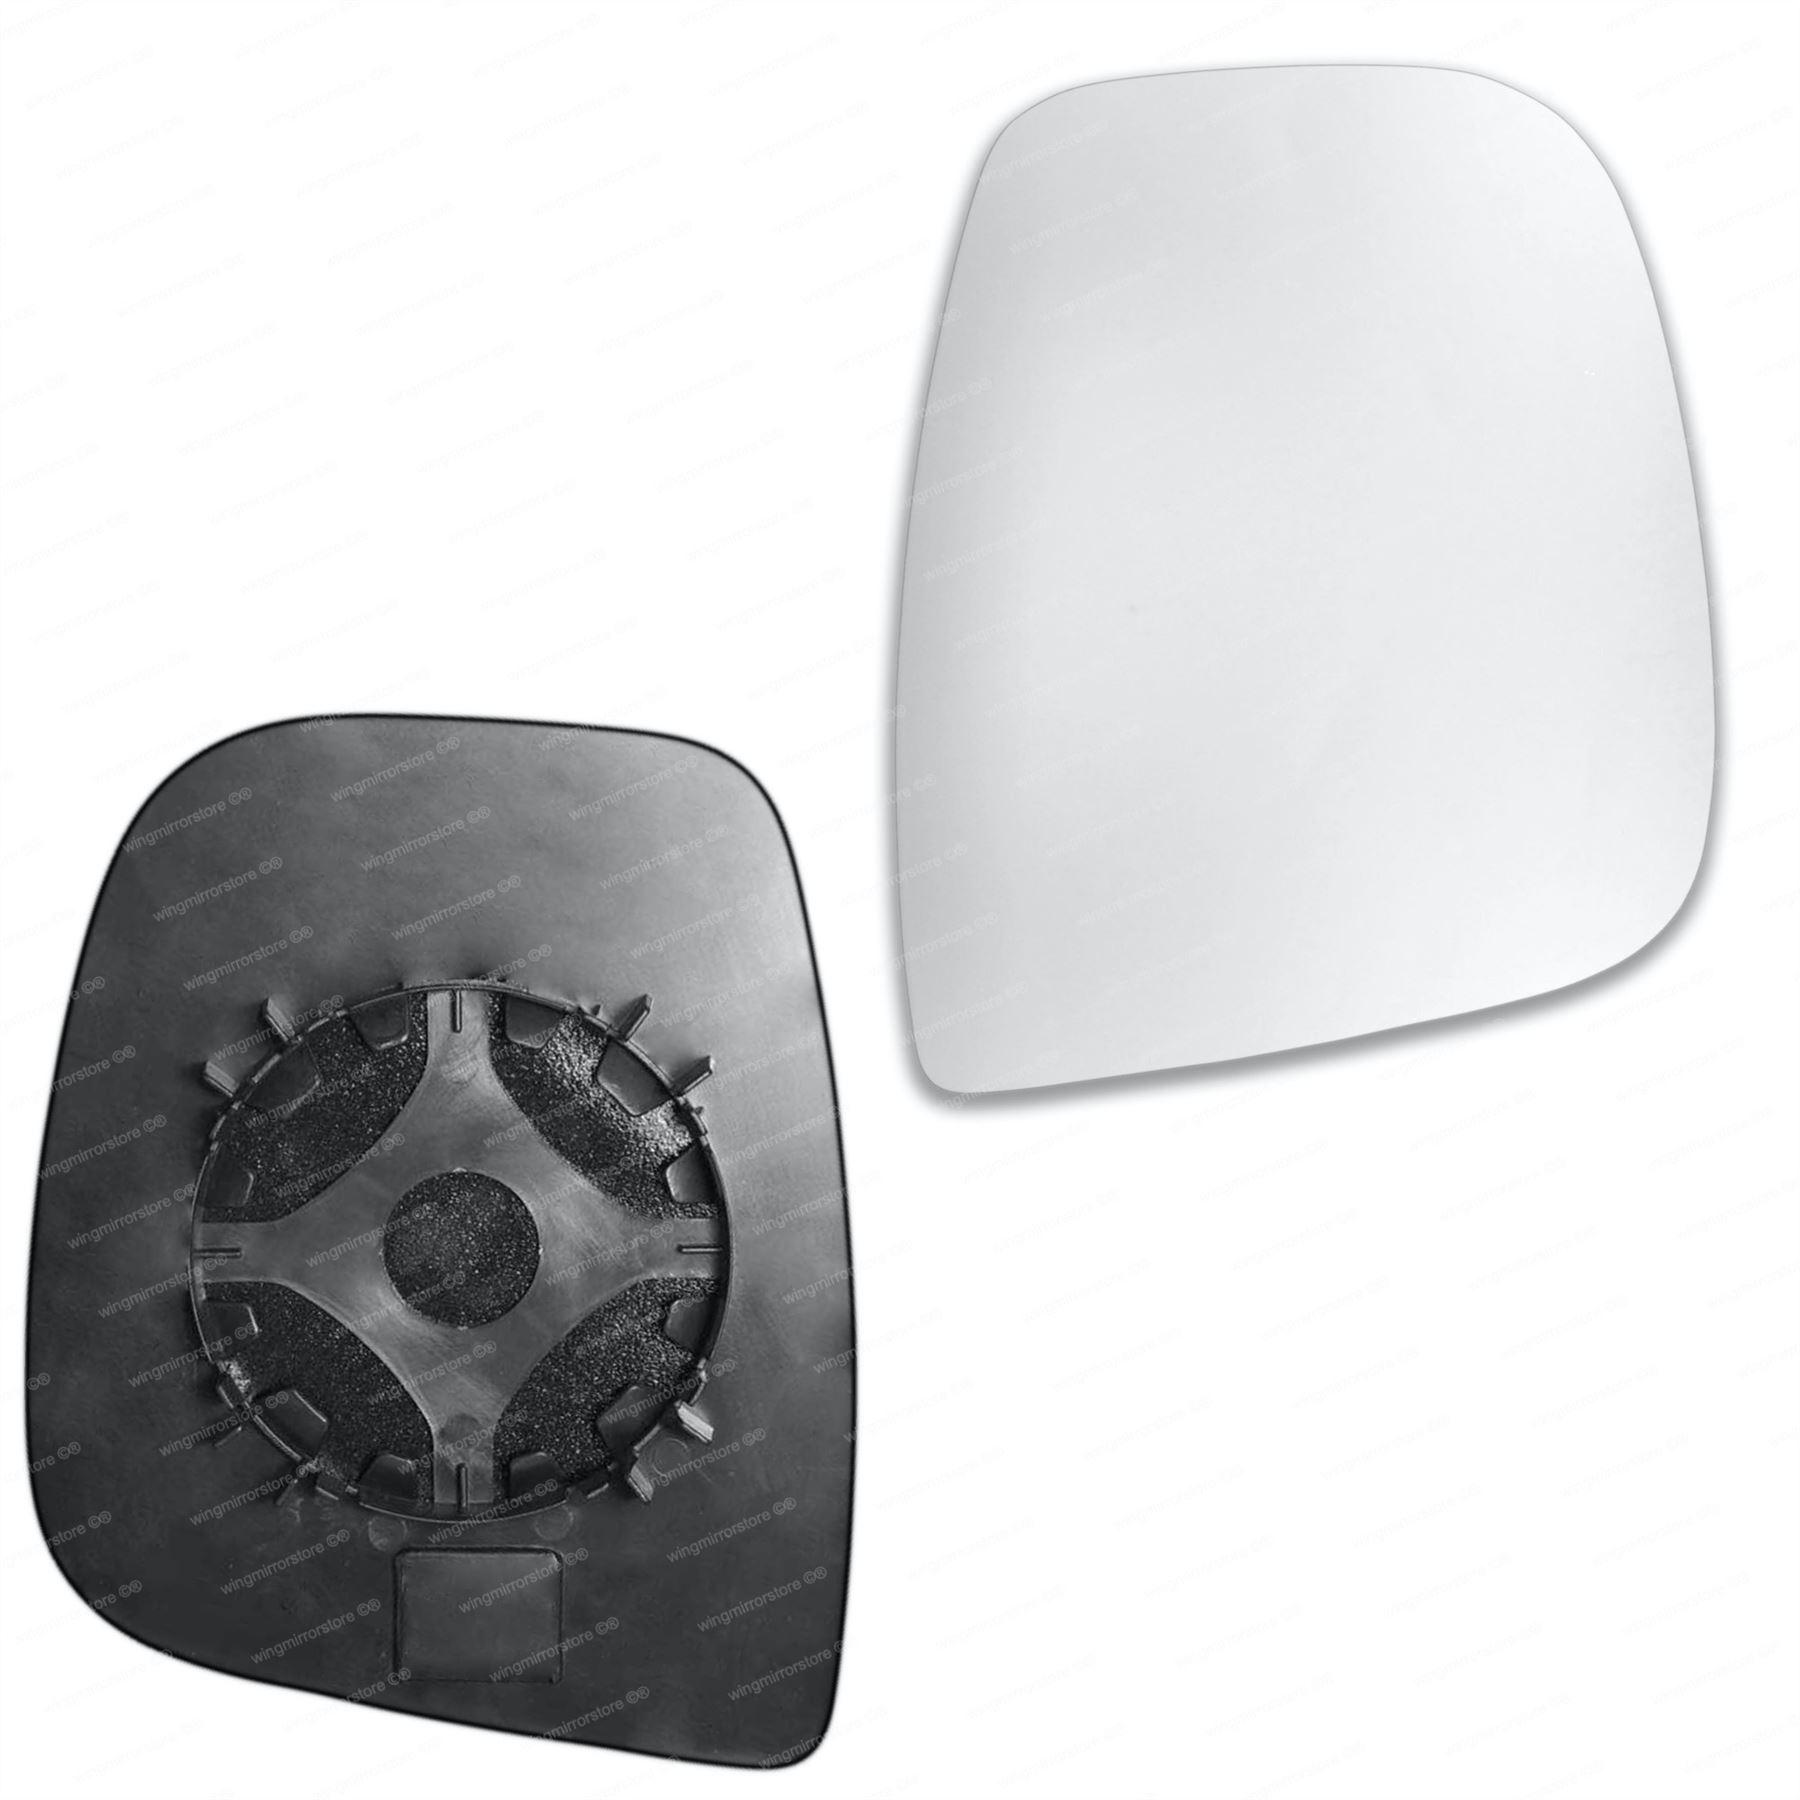 2014/pilote c/ôt/é droit Wing Porte Miroir convexe en verre chauff/é avec plaque de dos Pour Citroen Jumper 2006